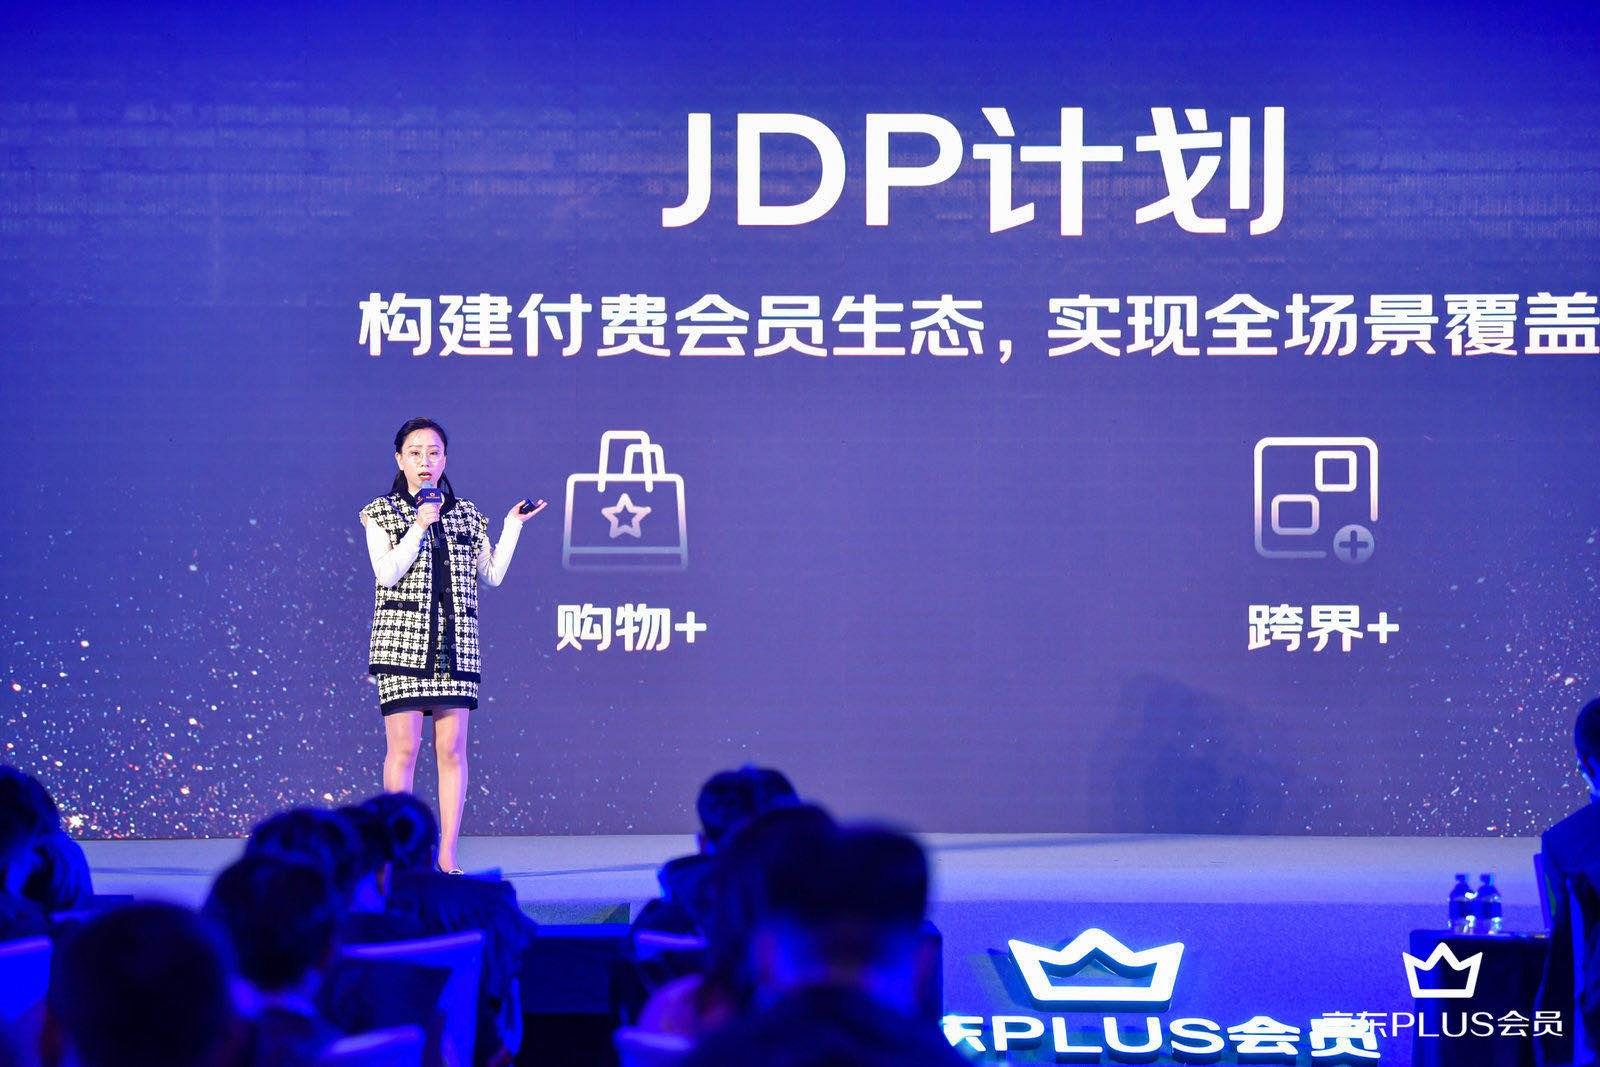 """会员经济进入场景时代 京东PLUS会员""""JDP计划""""构建付费会员生态"""